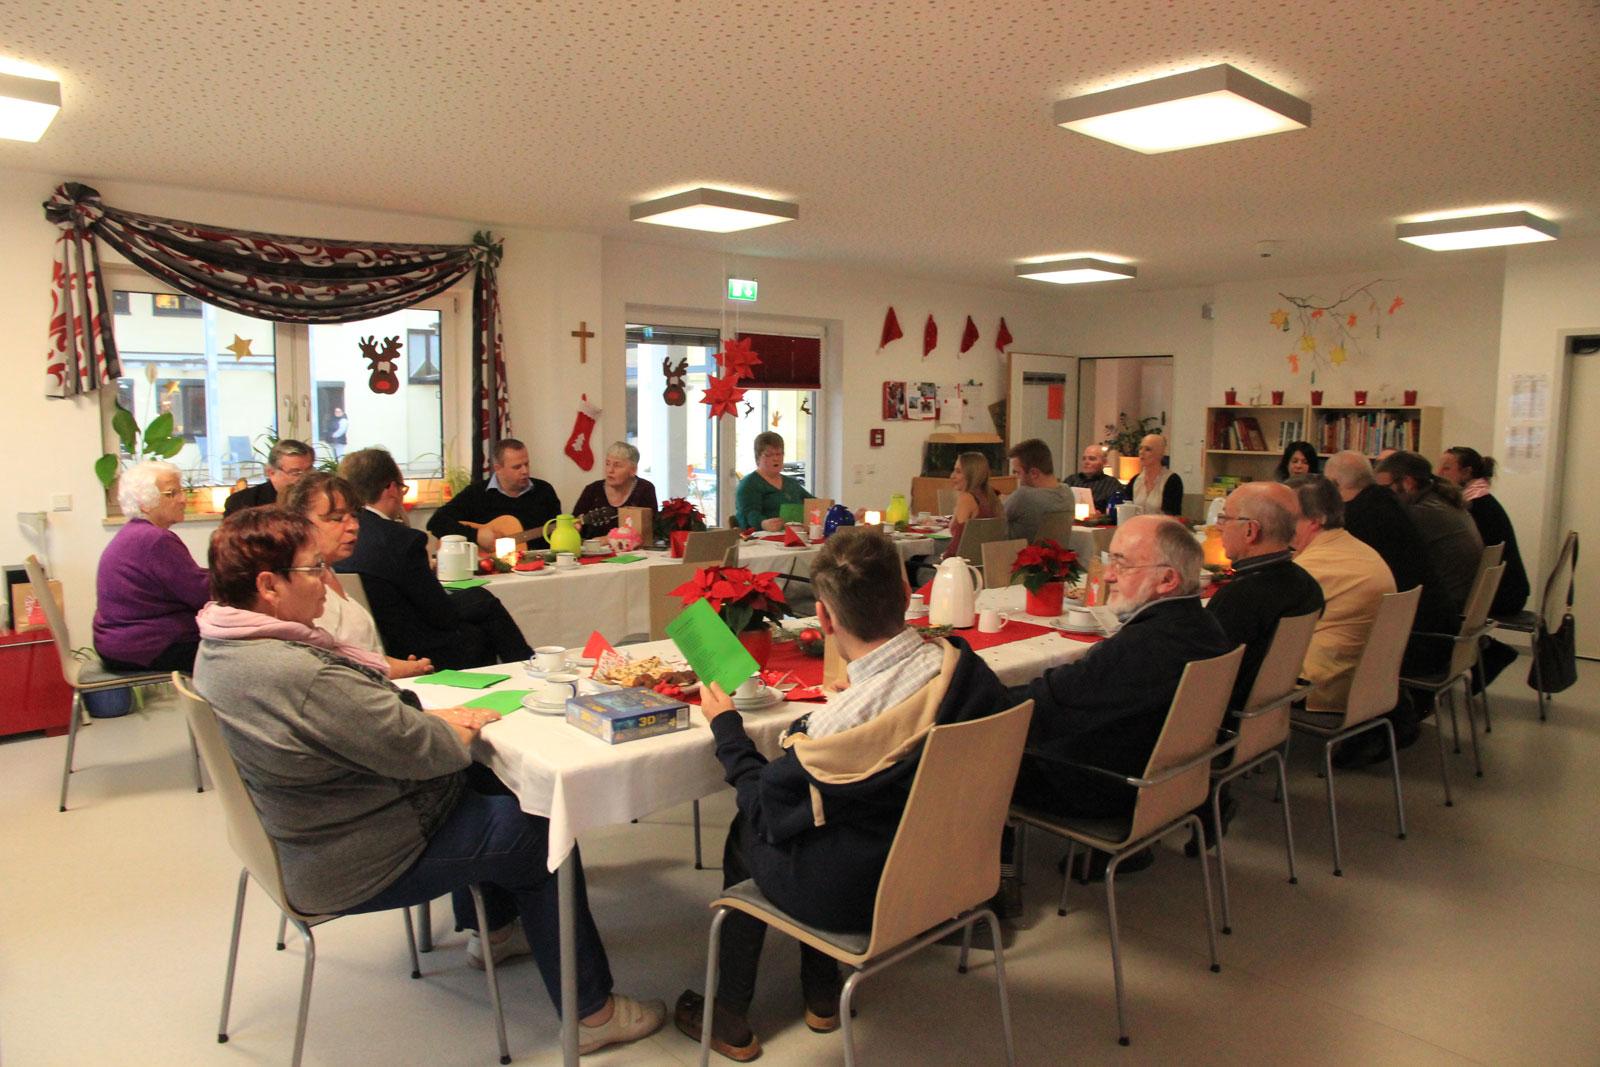 Heiter und festlich: Senioren der Lebenshilfe in Weihnachtsstimmung.